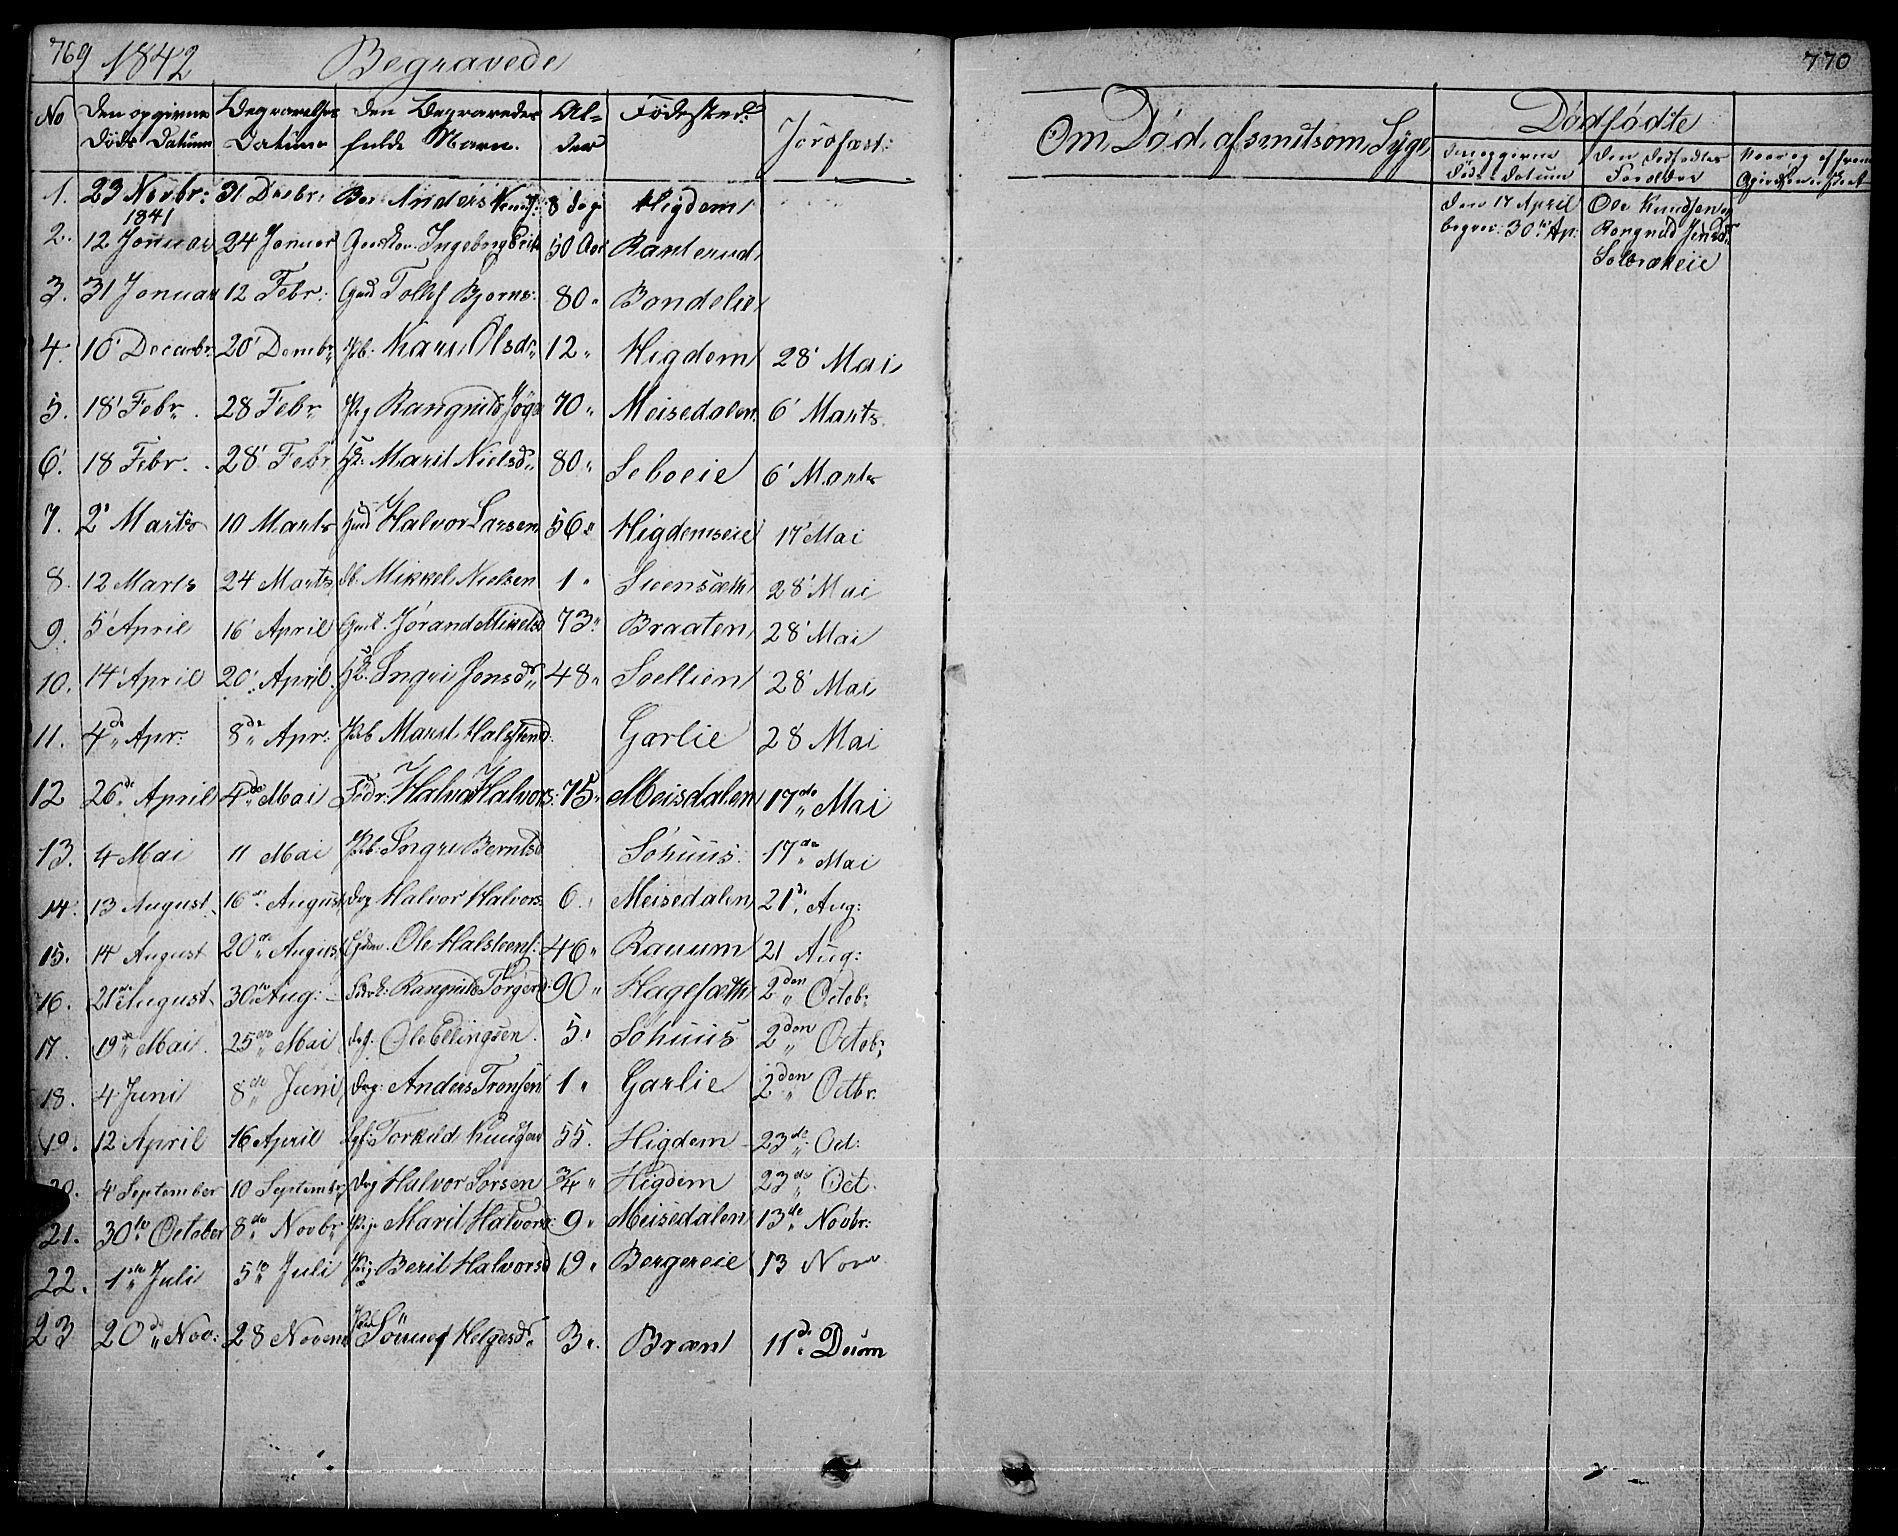 SAH, Nord-Aurdal prestekontor, Klokkerbok nr. 1, 1834-1887, s. 769-770